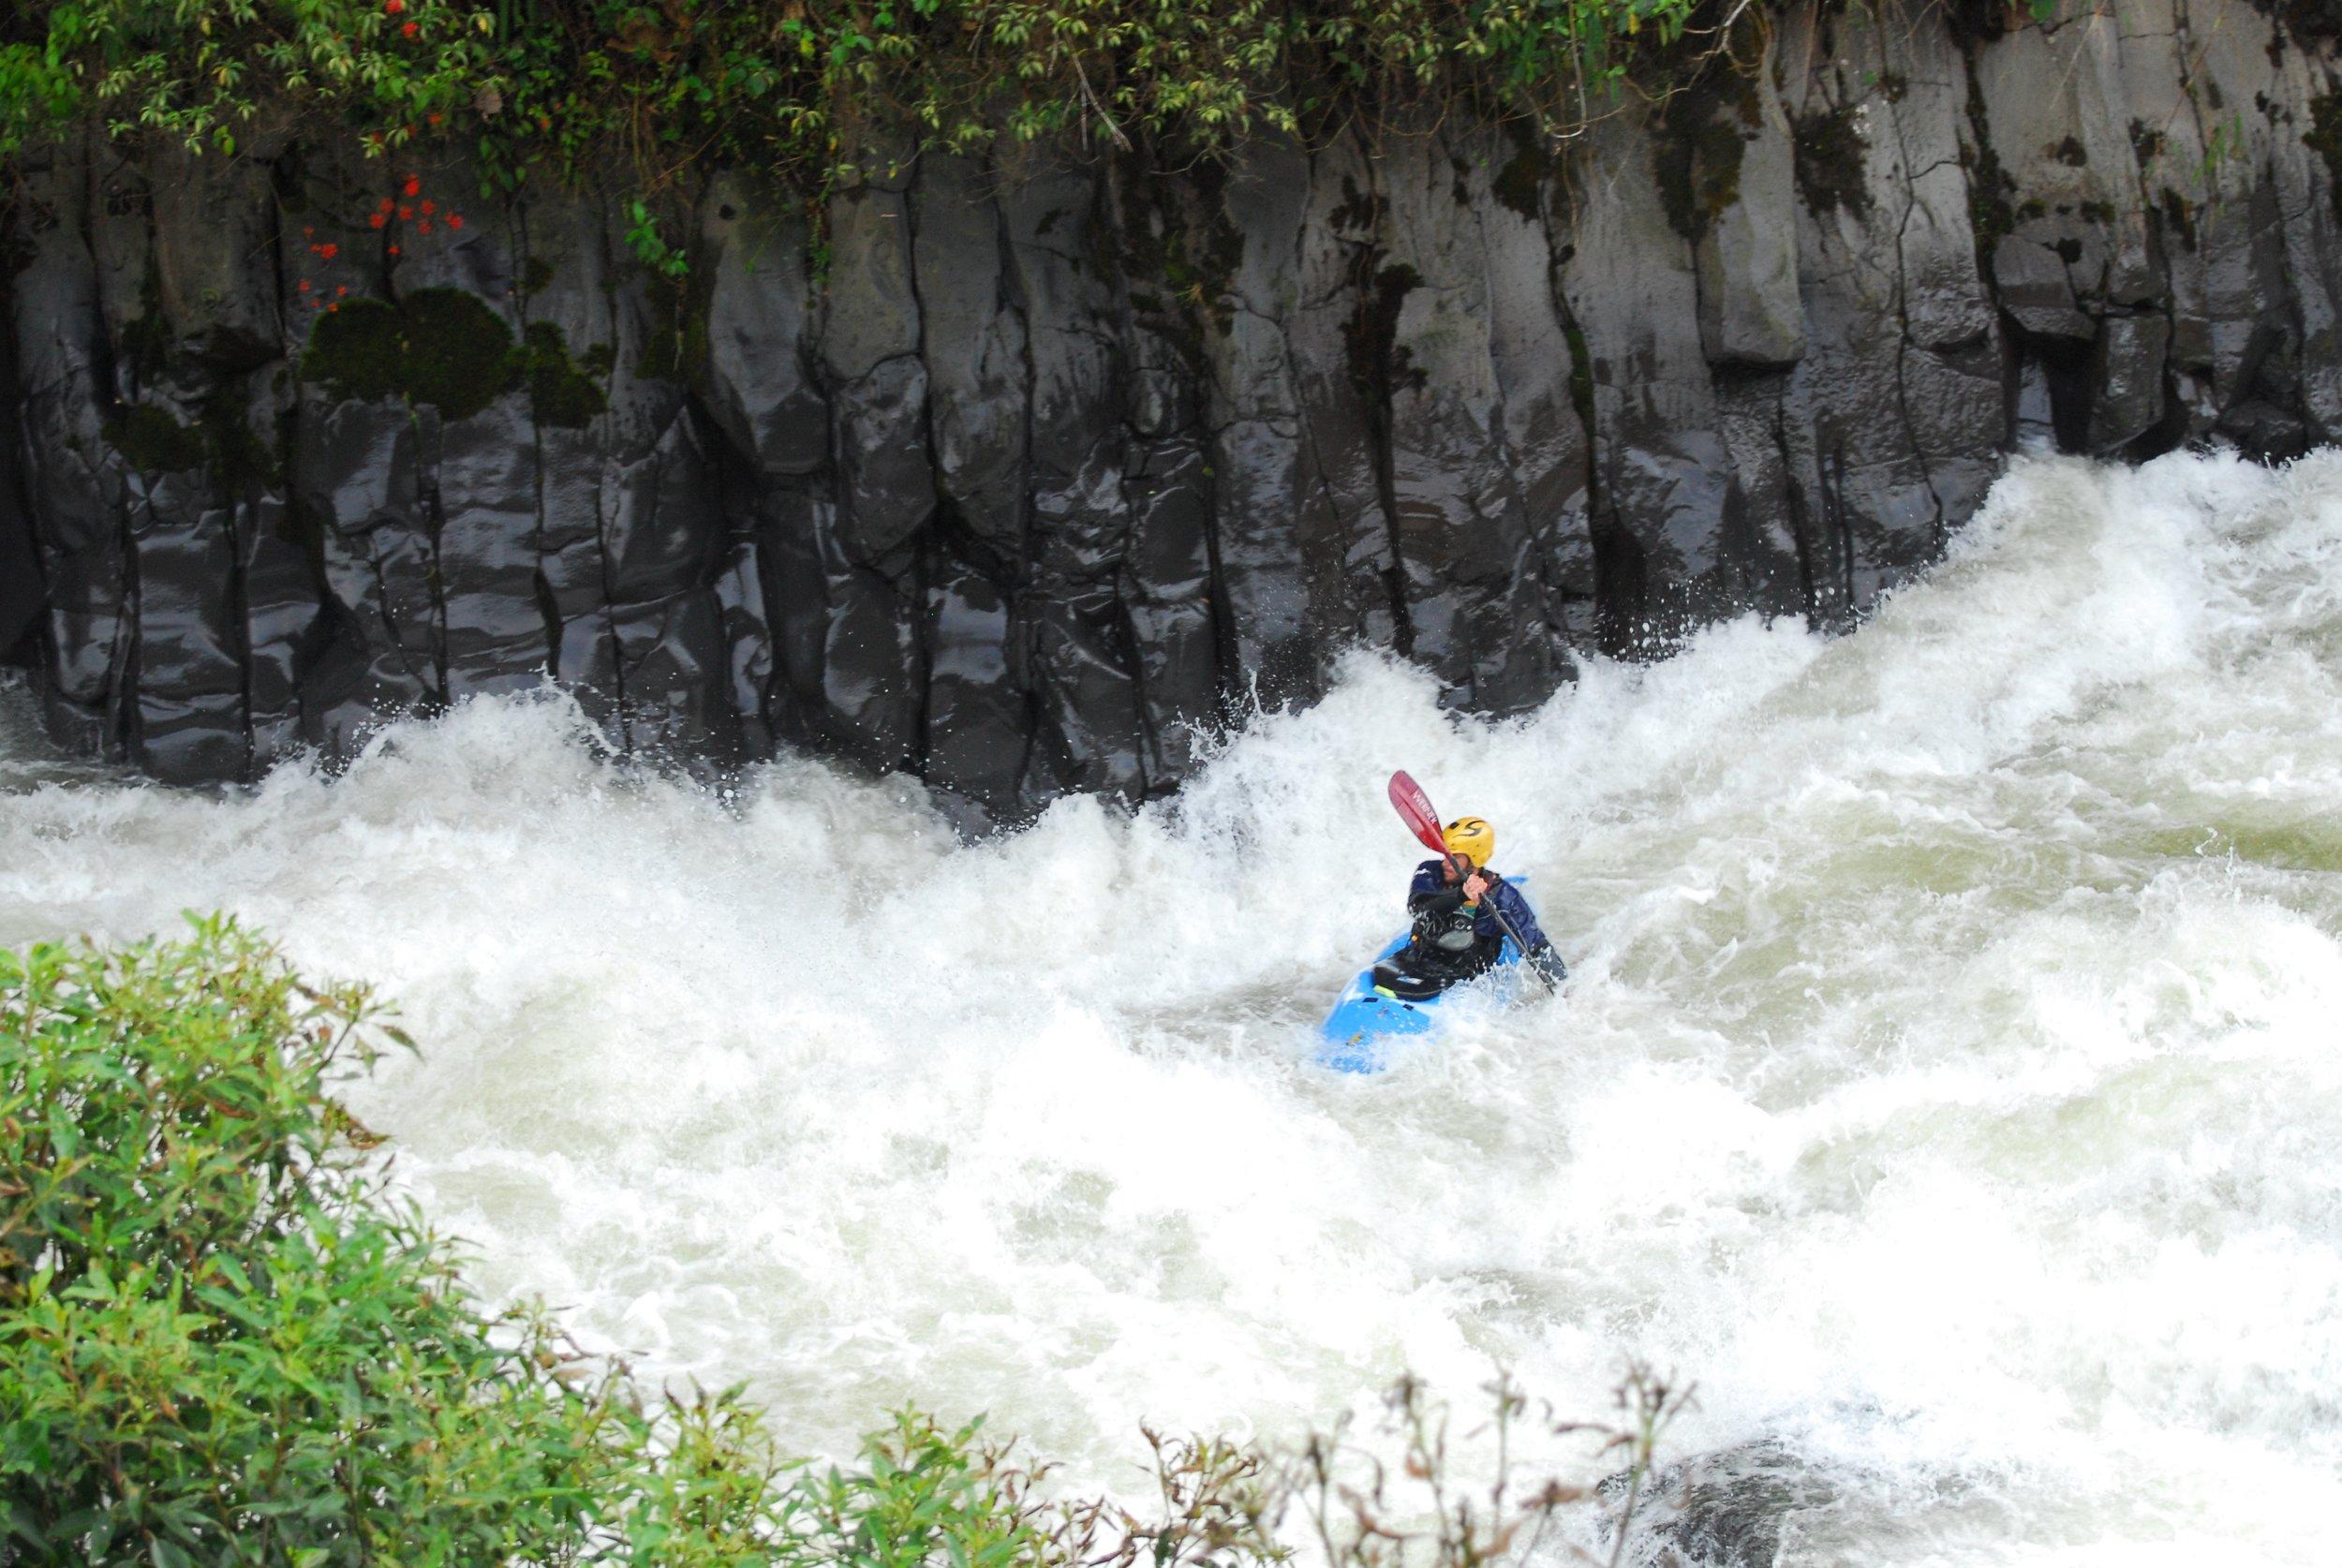 ecuador kayak equator kayaking whitewater.jpg